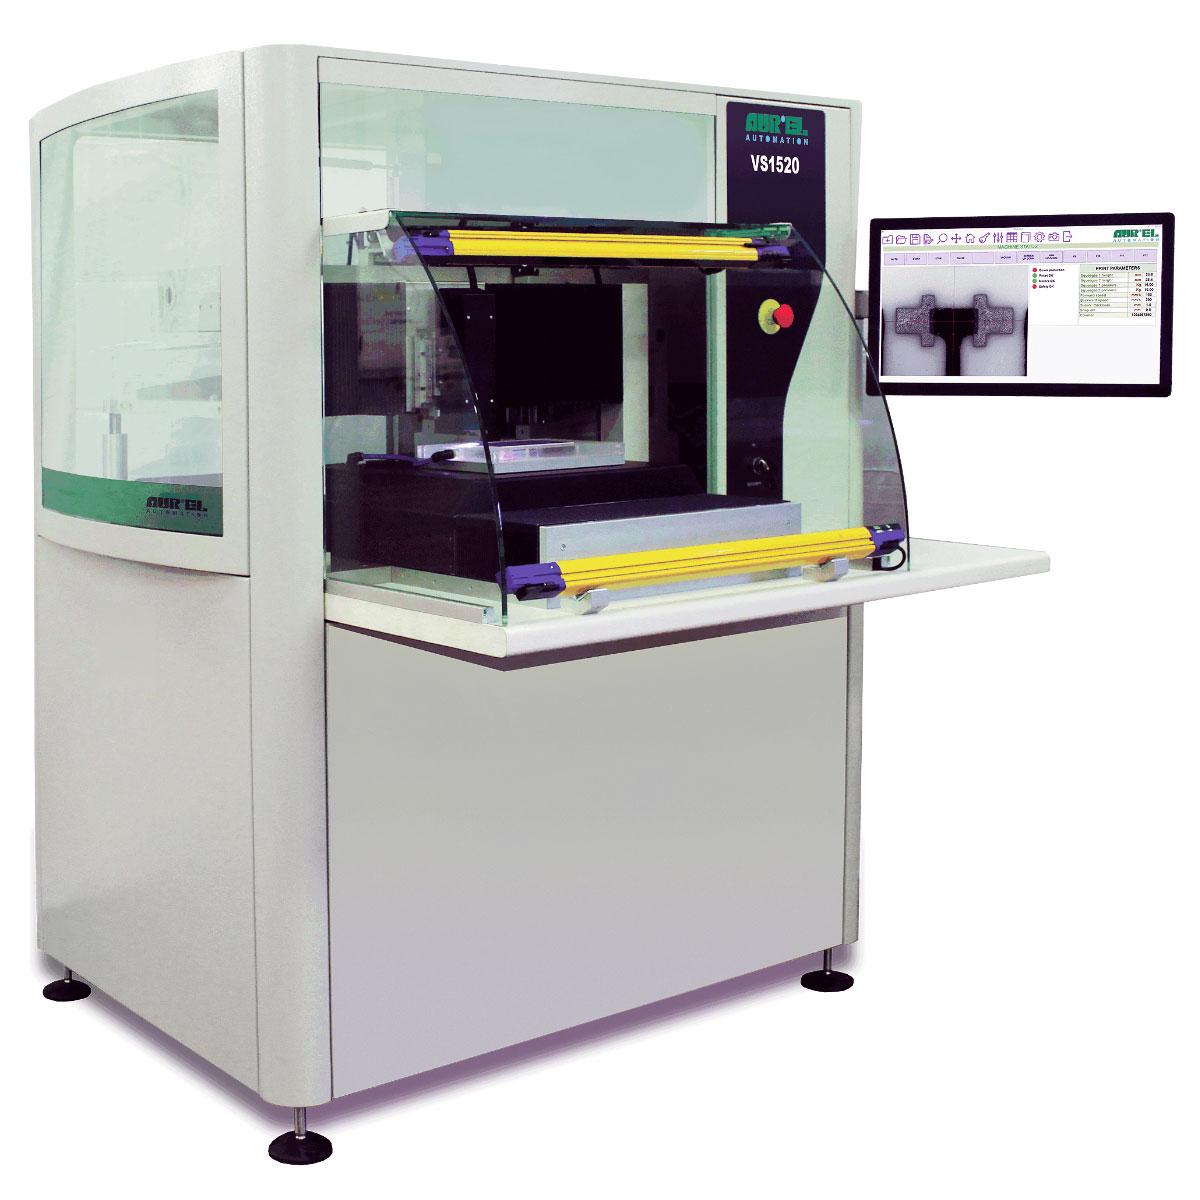 AUREL VS 1520 ꜛ принтер полуавтоматической трафаретной печати